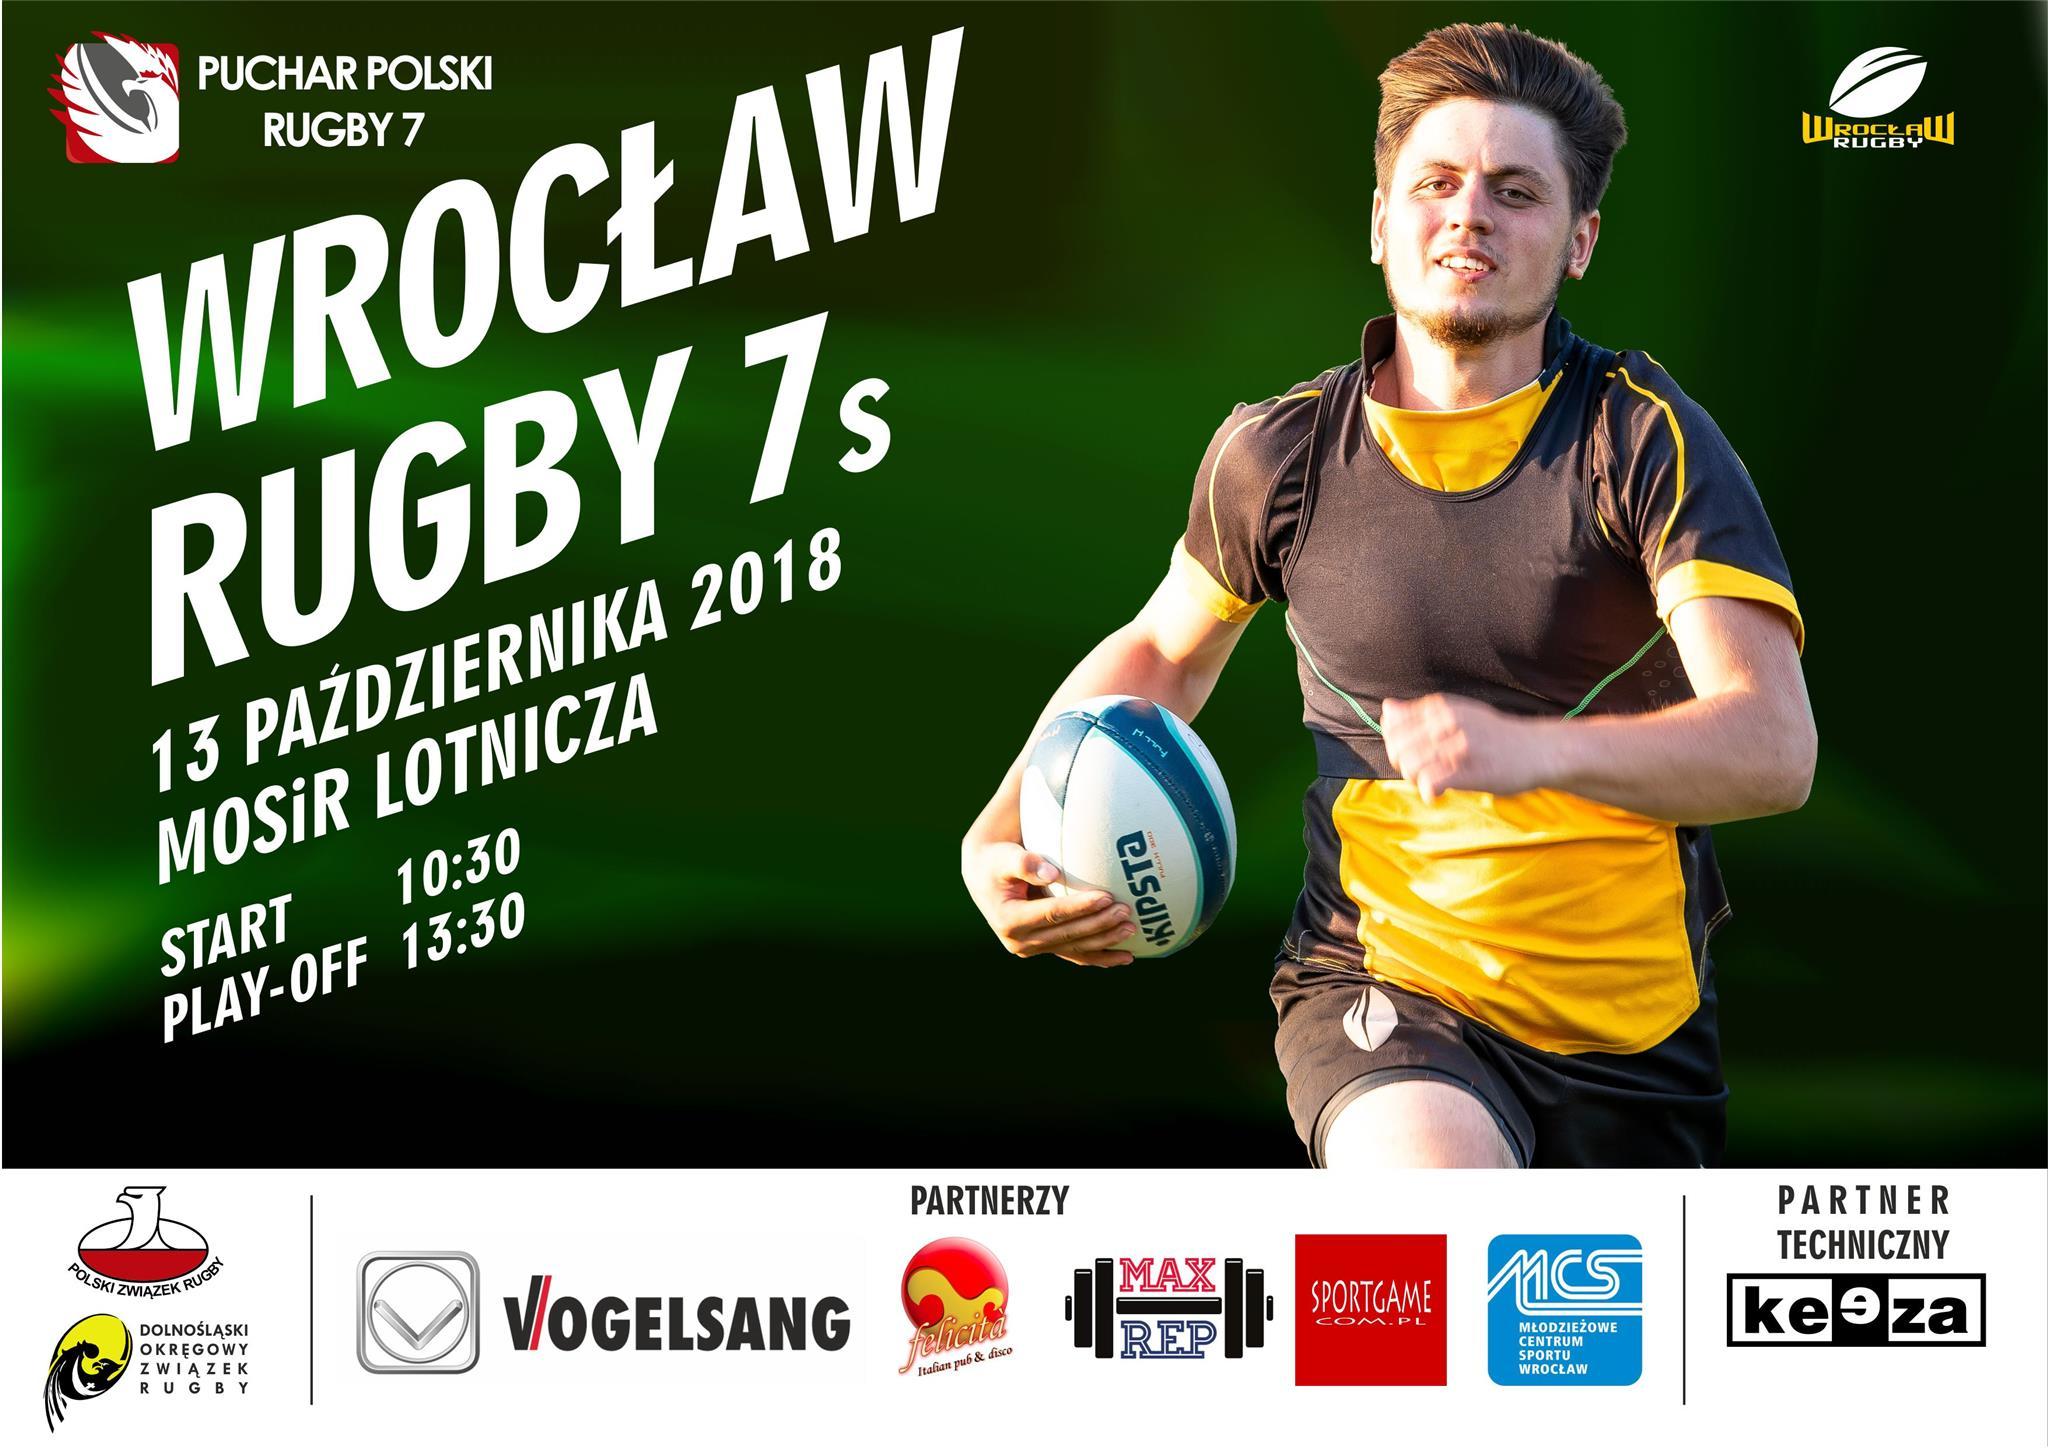 Wrocław 7s 2018